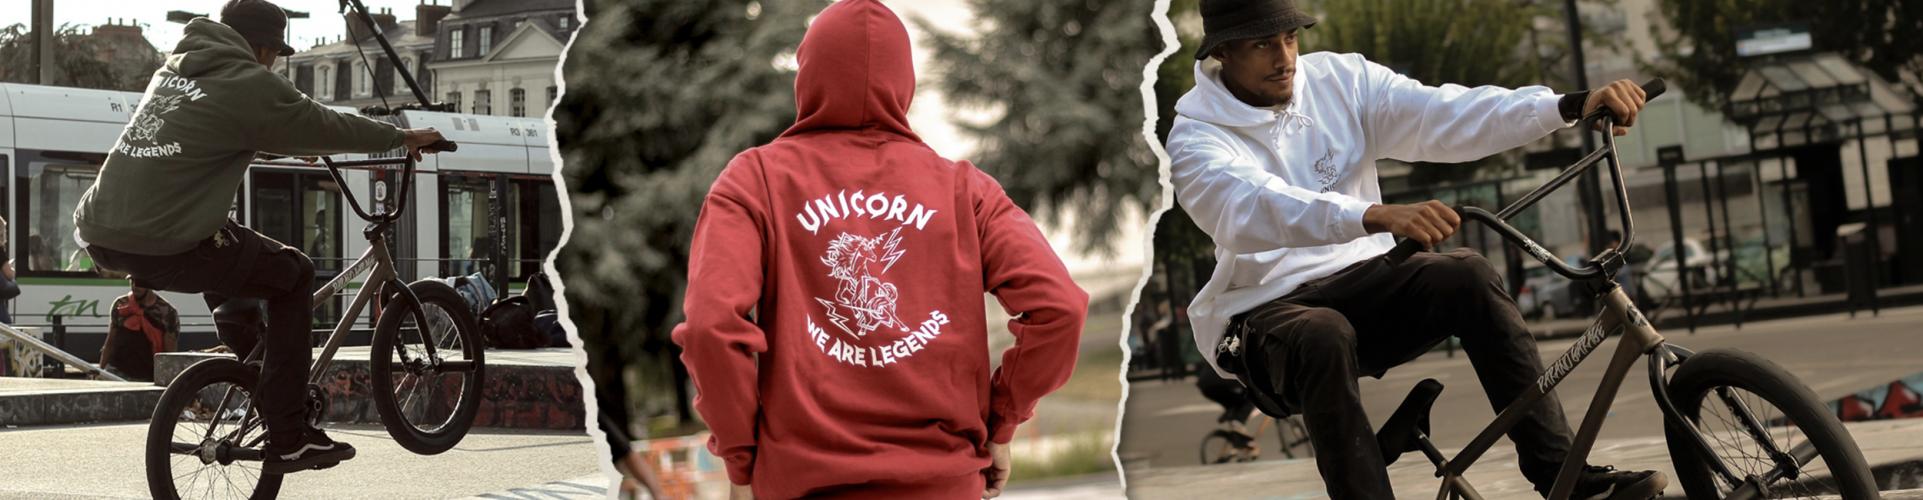 Tous les accessoires BMX - Collection Classic One Unicorn